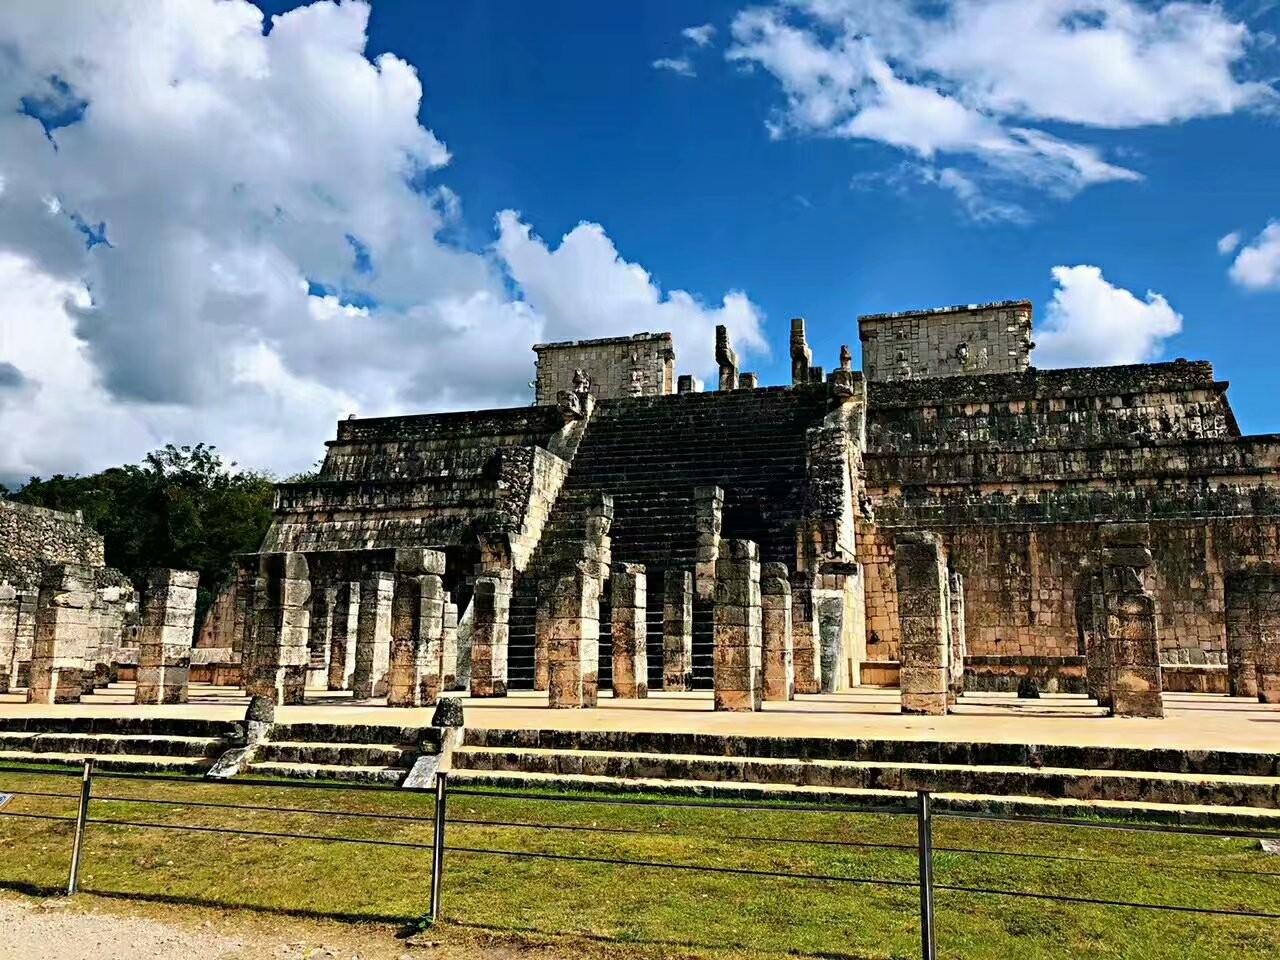 墨西哥奇琴伊察玛雅文化遗迹(图)_图1-10